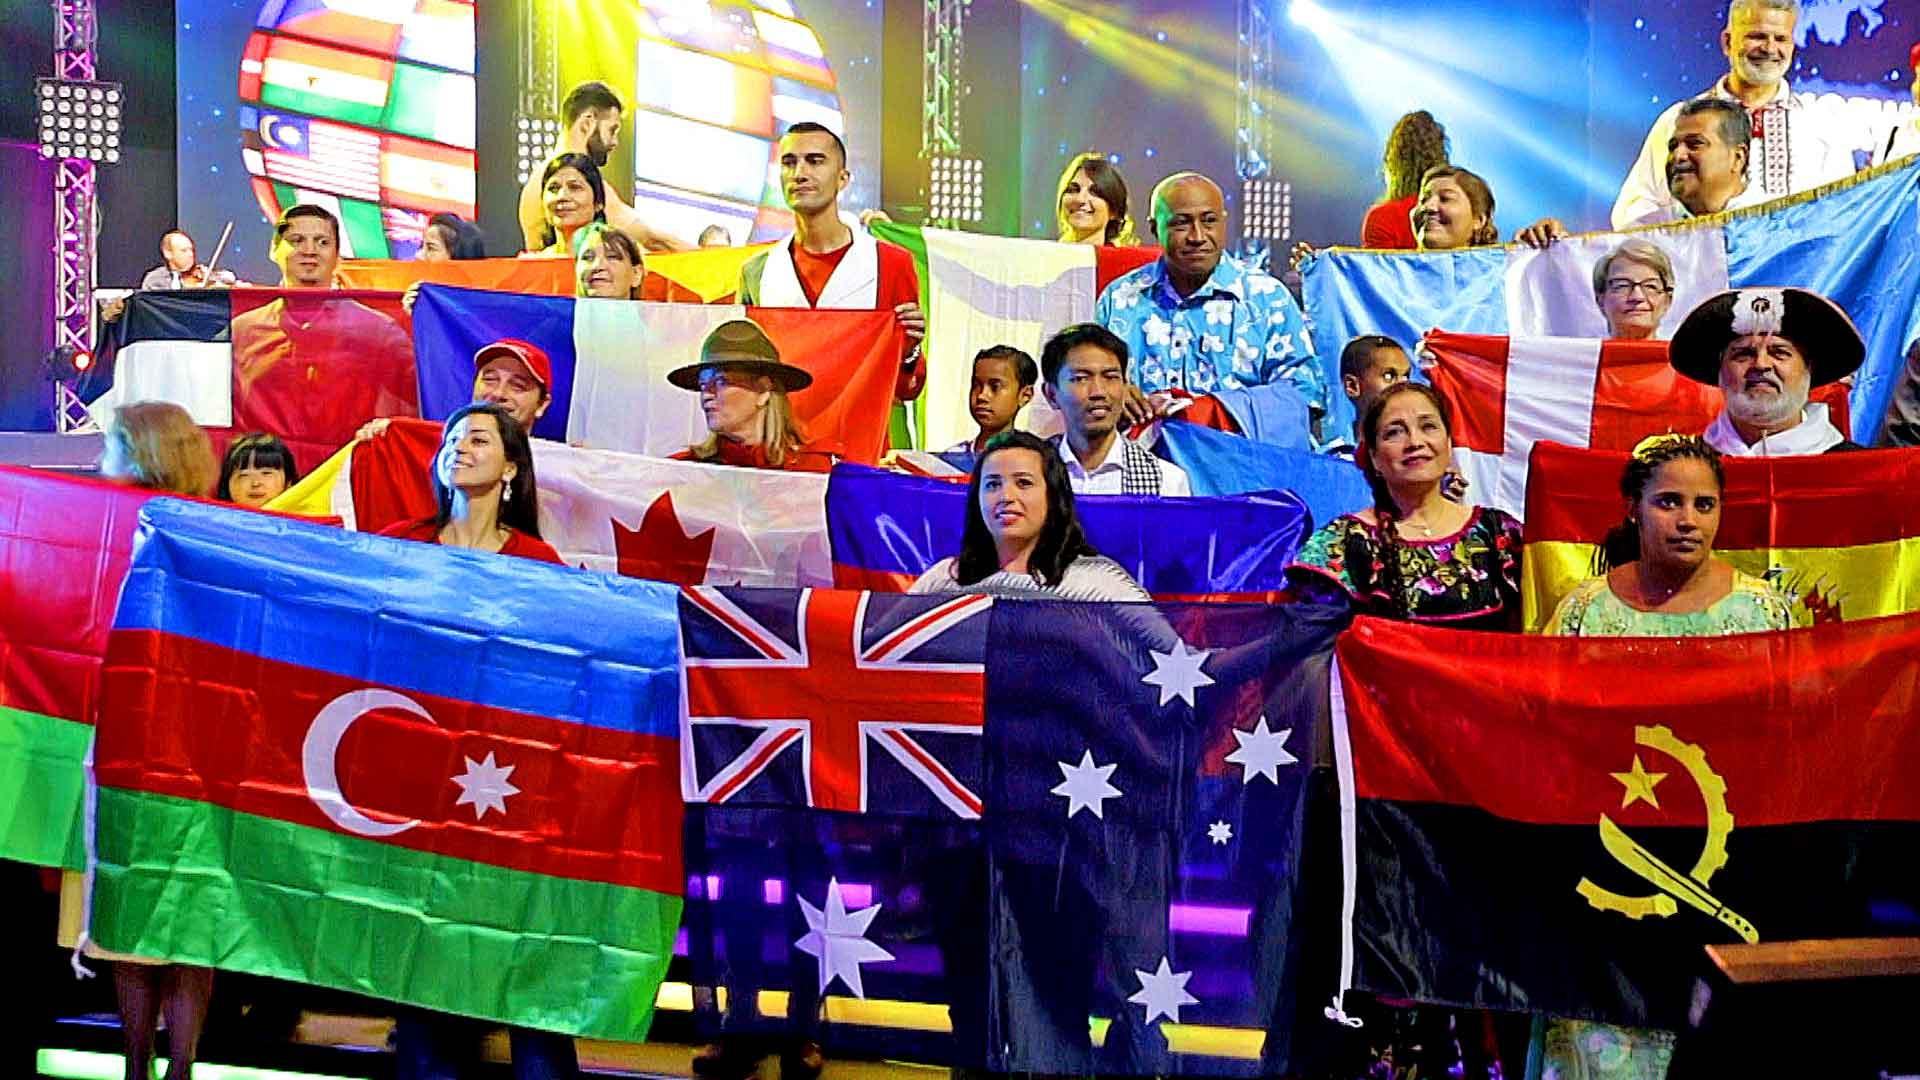 Das Fest der Nationen